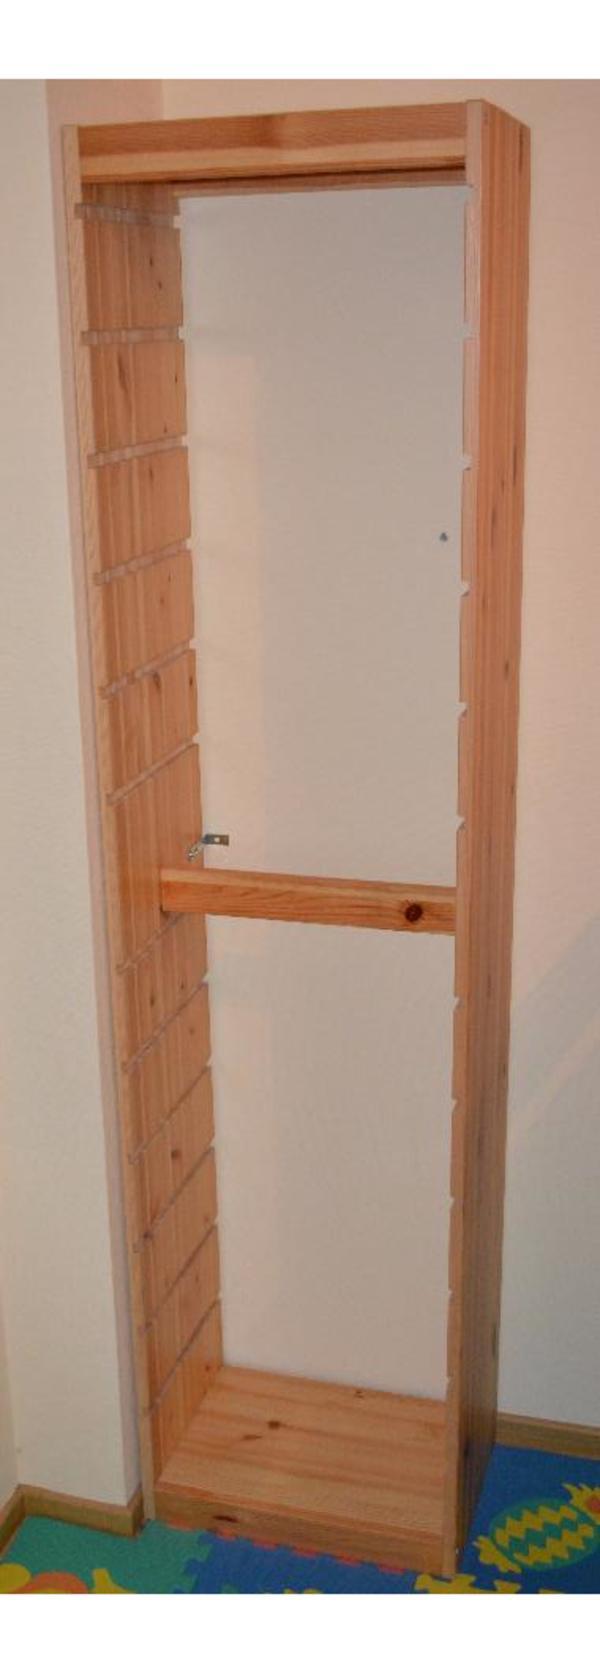 ikea kiefer kaufen gebraucht und g nstig. Black Bedroom Furniture Sets. Home Design Ideas